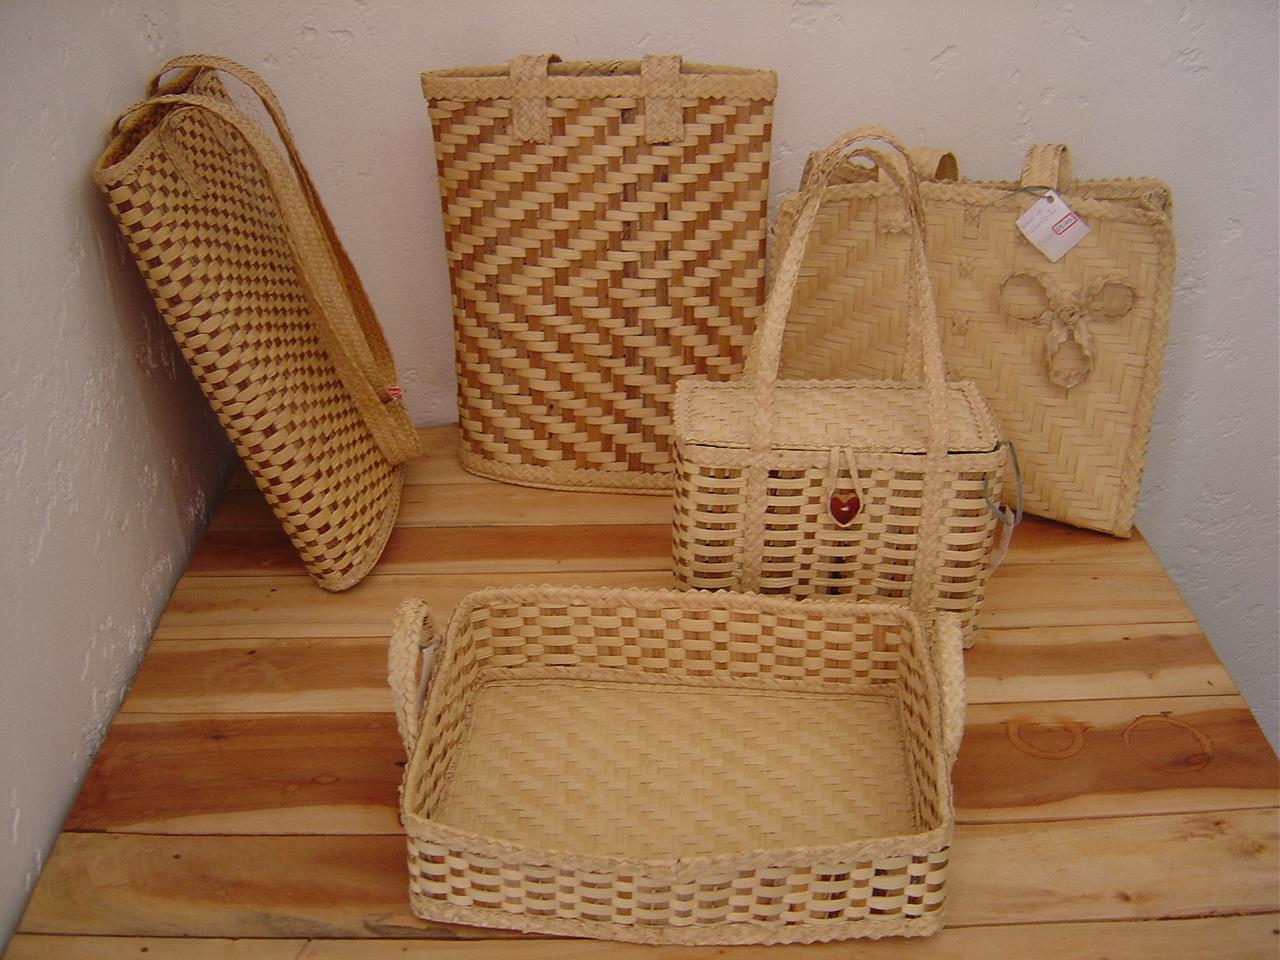 Adesivo De Arvore Para Fotos ~ Conheça o artesanato da palha da carnaúba feito no Piauí Arteblog